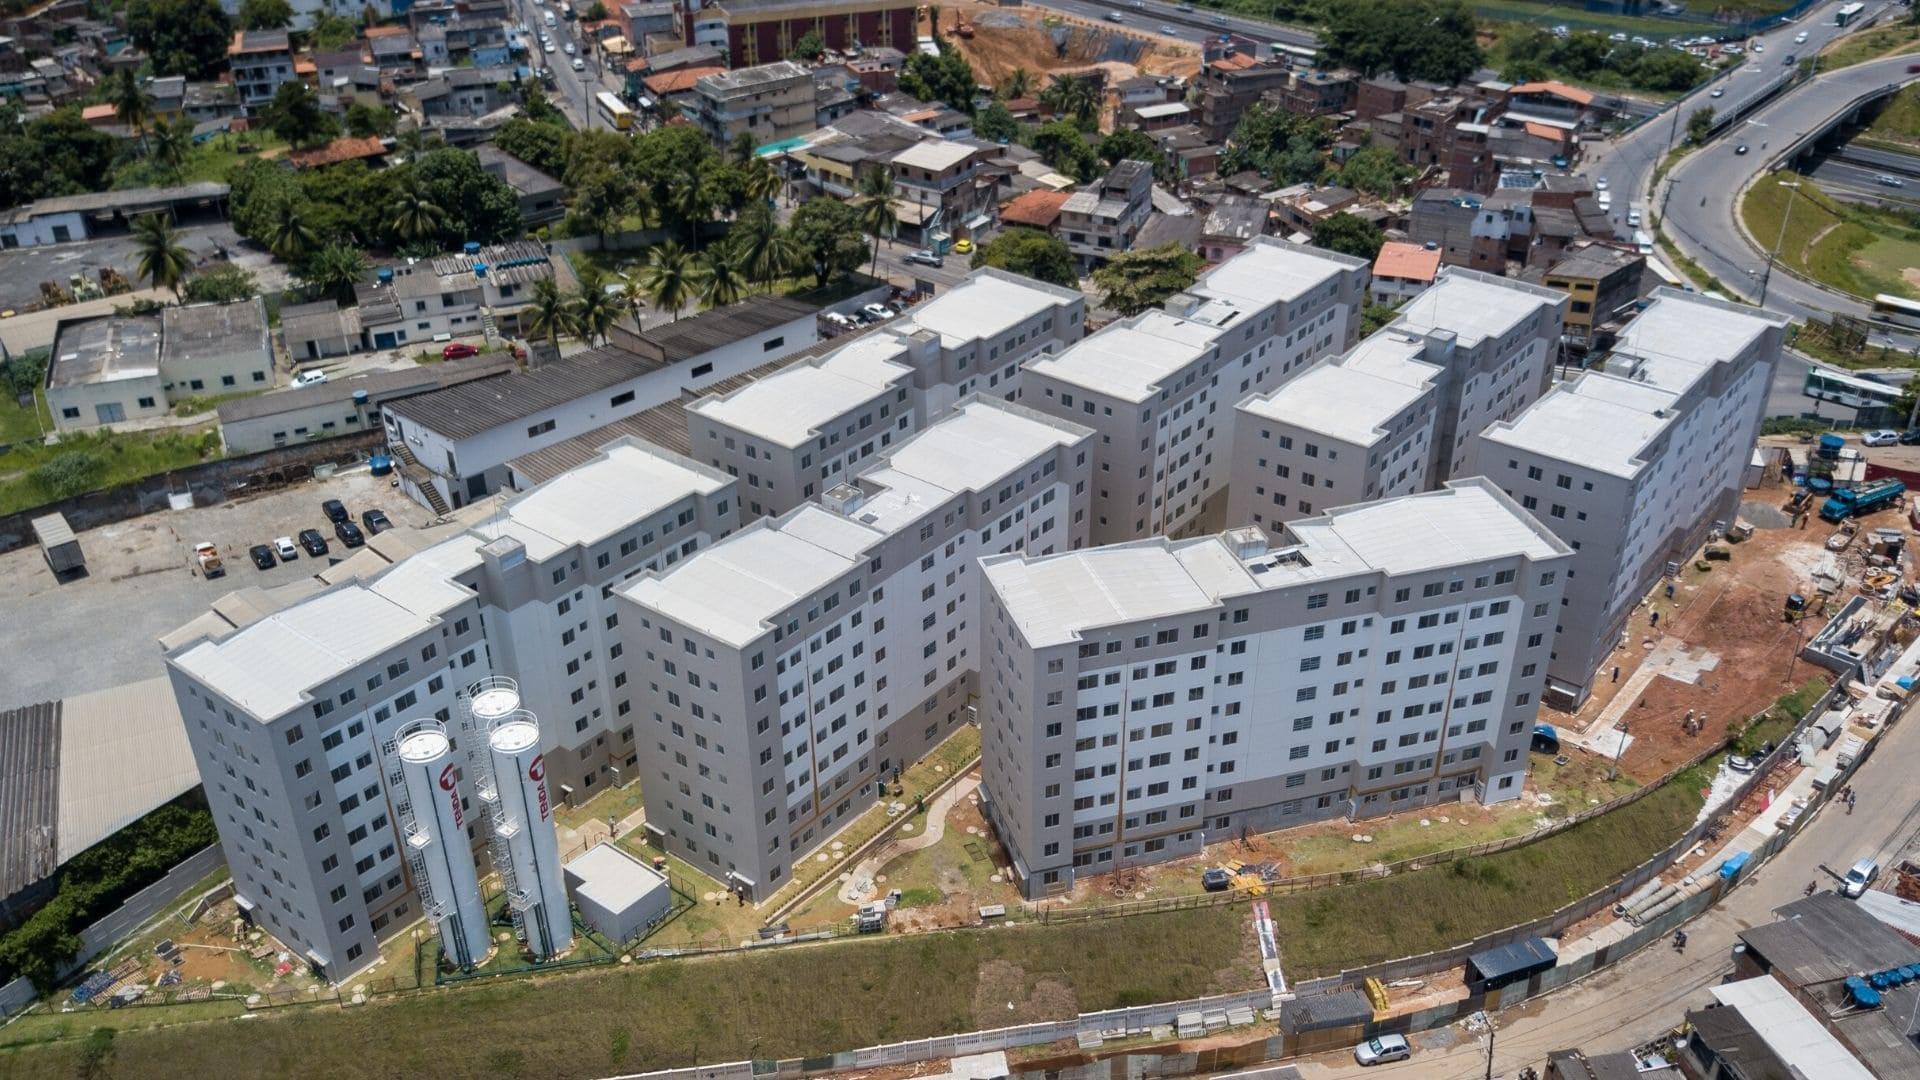 Fotos de obras no empreendimento Torres de Campinas | Salvador | BA | foto 1 | tenda.com